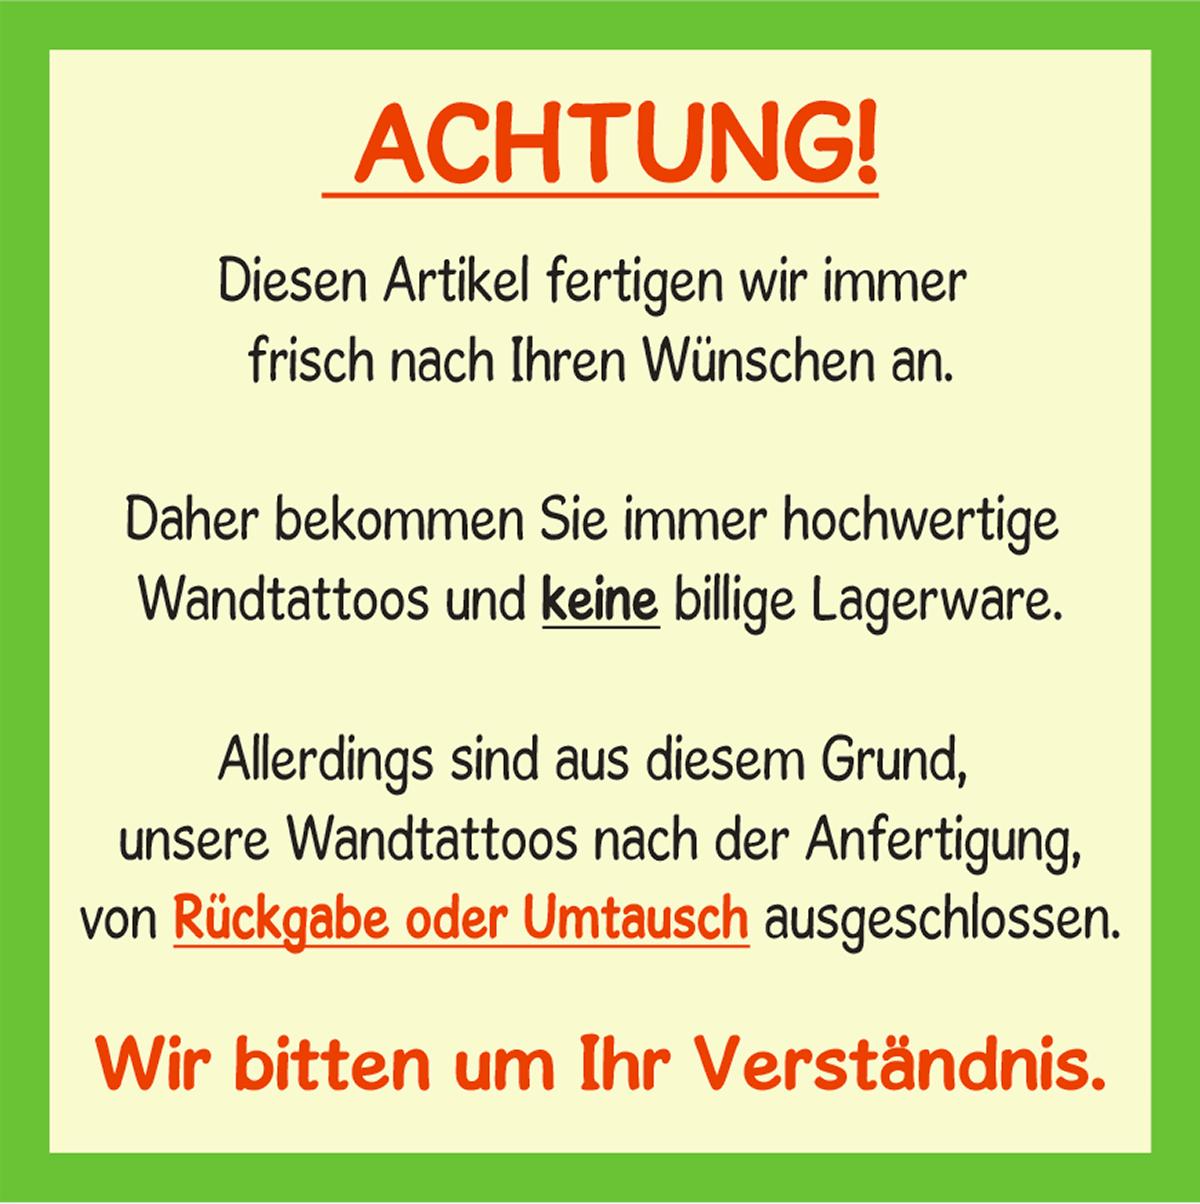 Faszinierend Wandtattoo Auf Rauputz Sammlung Von Fr Rauputz.